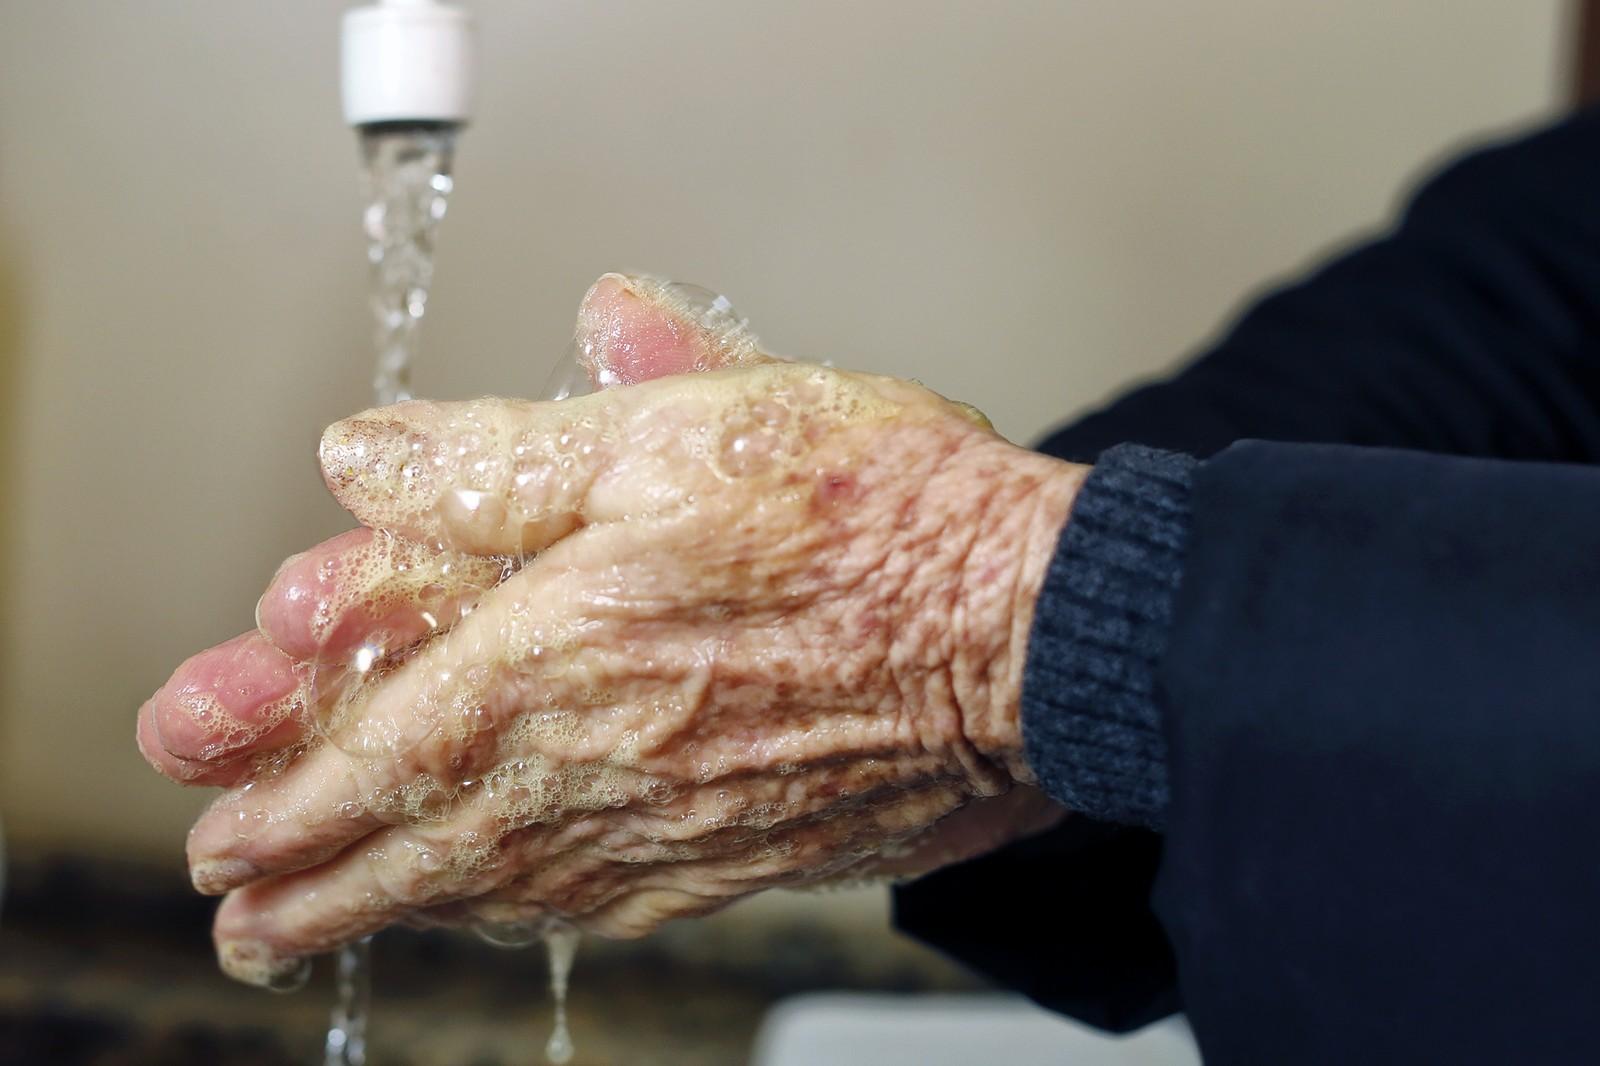 Coronavírus e desafios à prevenção: Brasil tem 31,3 milhões sem água encanada e 11,6 milhões em casas 'superlotadas'